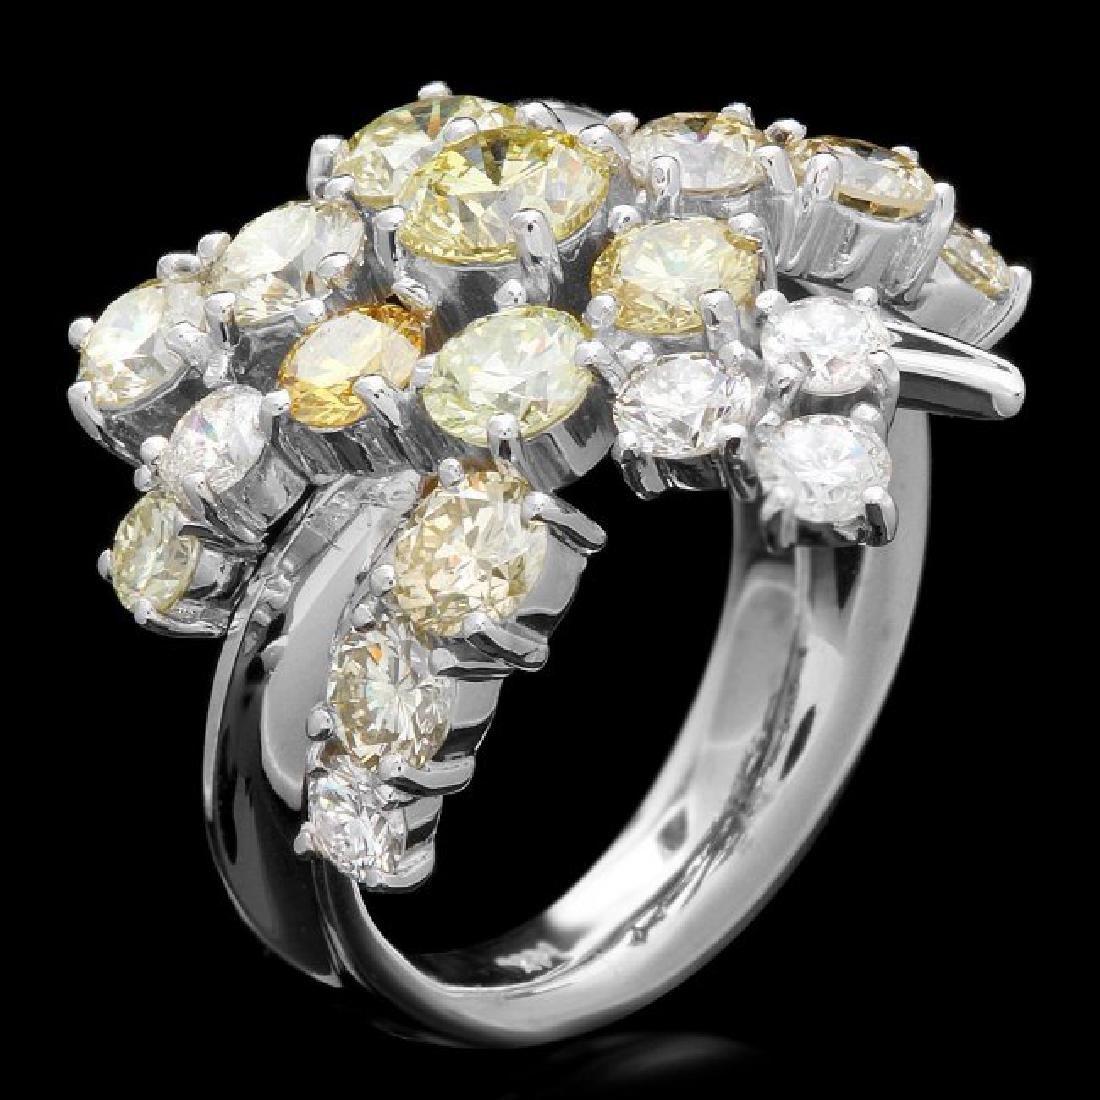 14k White Gold 5.00ct Diamond Ring - 3